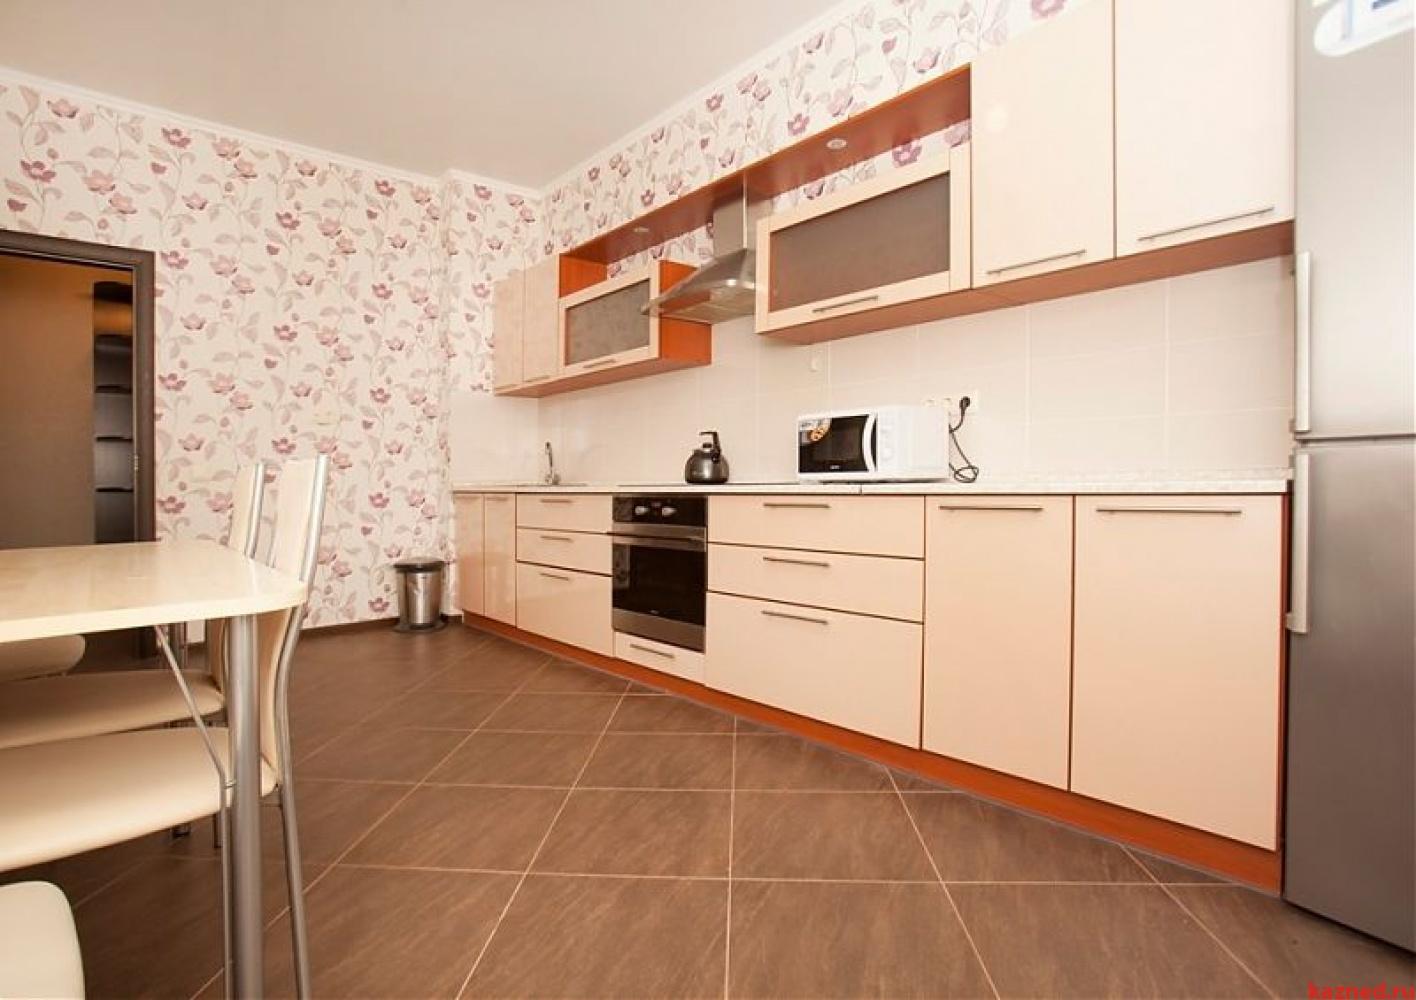 Посуточная аренда 2-к квартиры Чистопольская 71а, 75 м² (миниатюра №5)